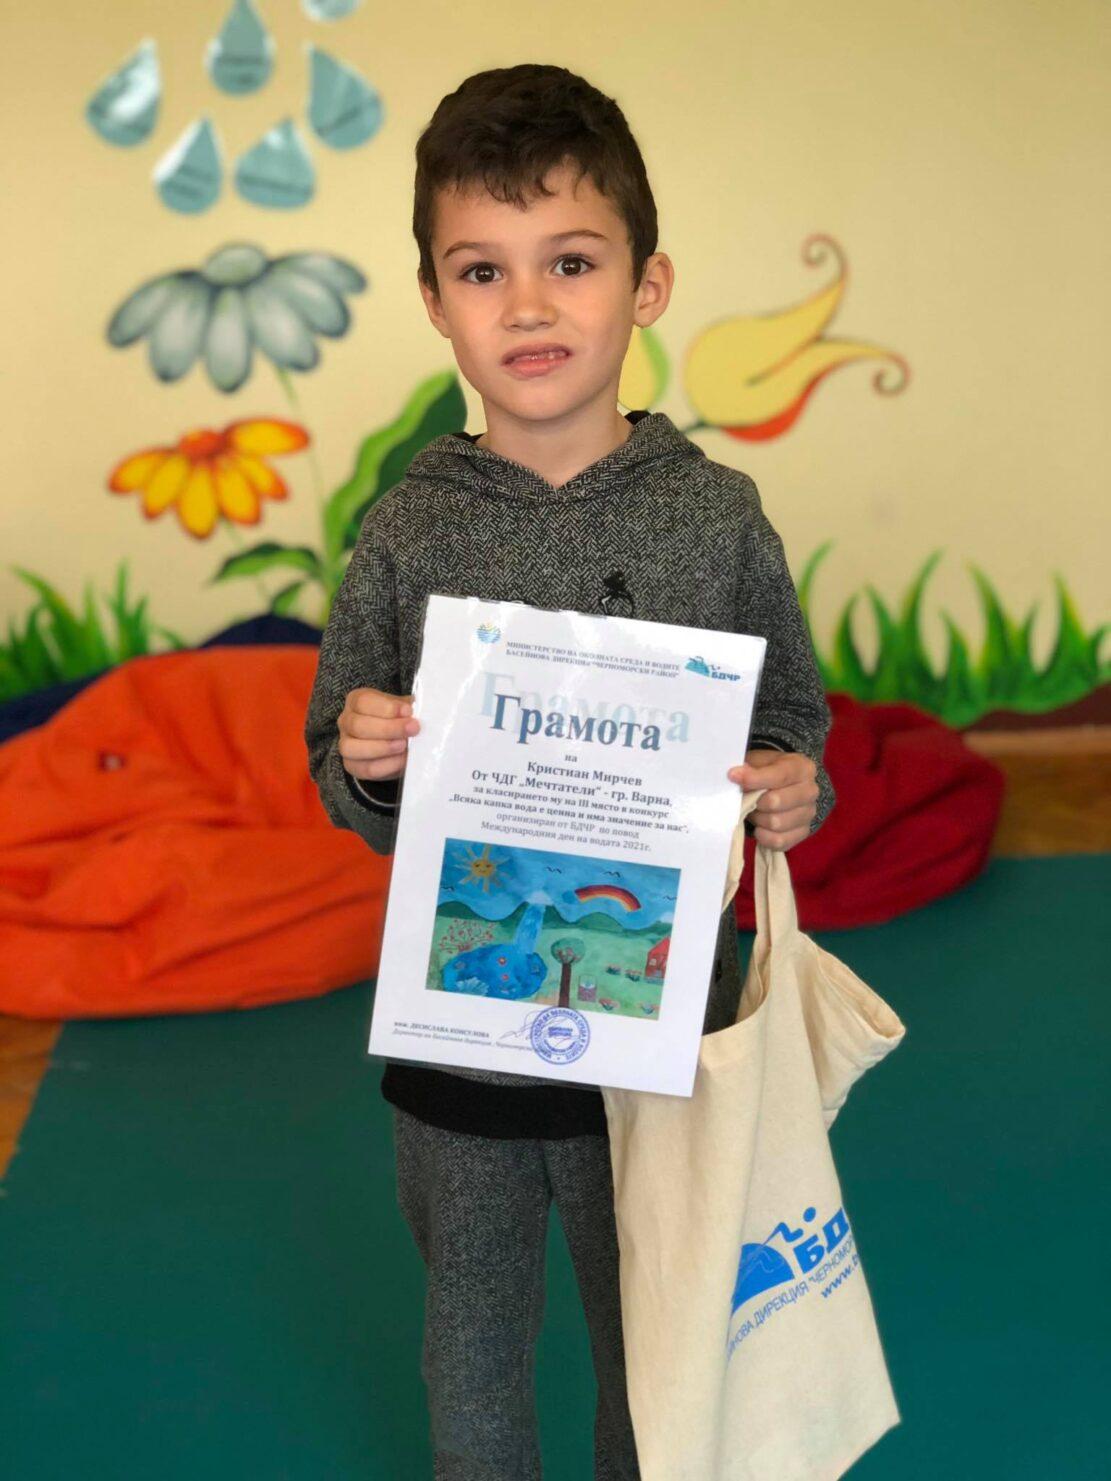 """Отново с награда ! Кристиан Мирчев от ПГ – """"Мечета"""" спечели трето място в конкурса организиран от БДРЧ """"Всяка капка вода е ценна и има значение за нас""""."""